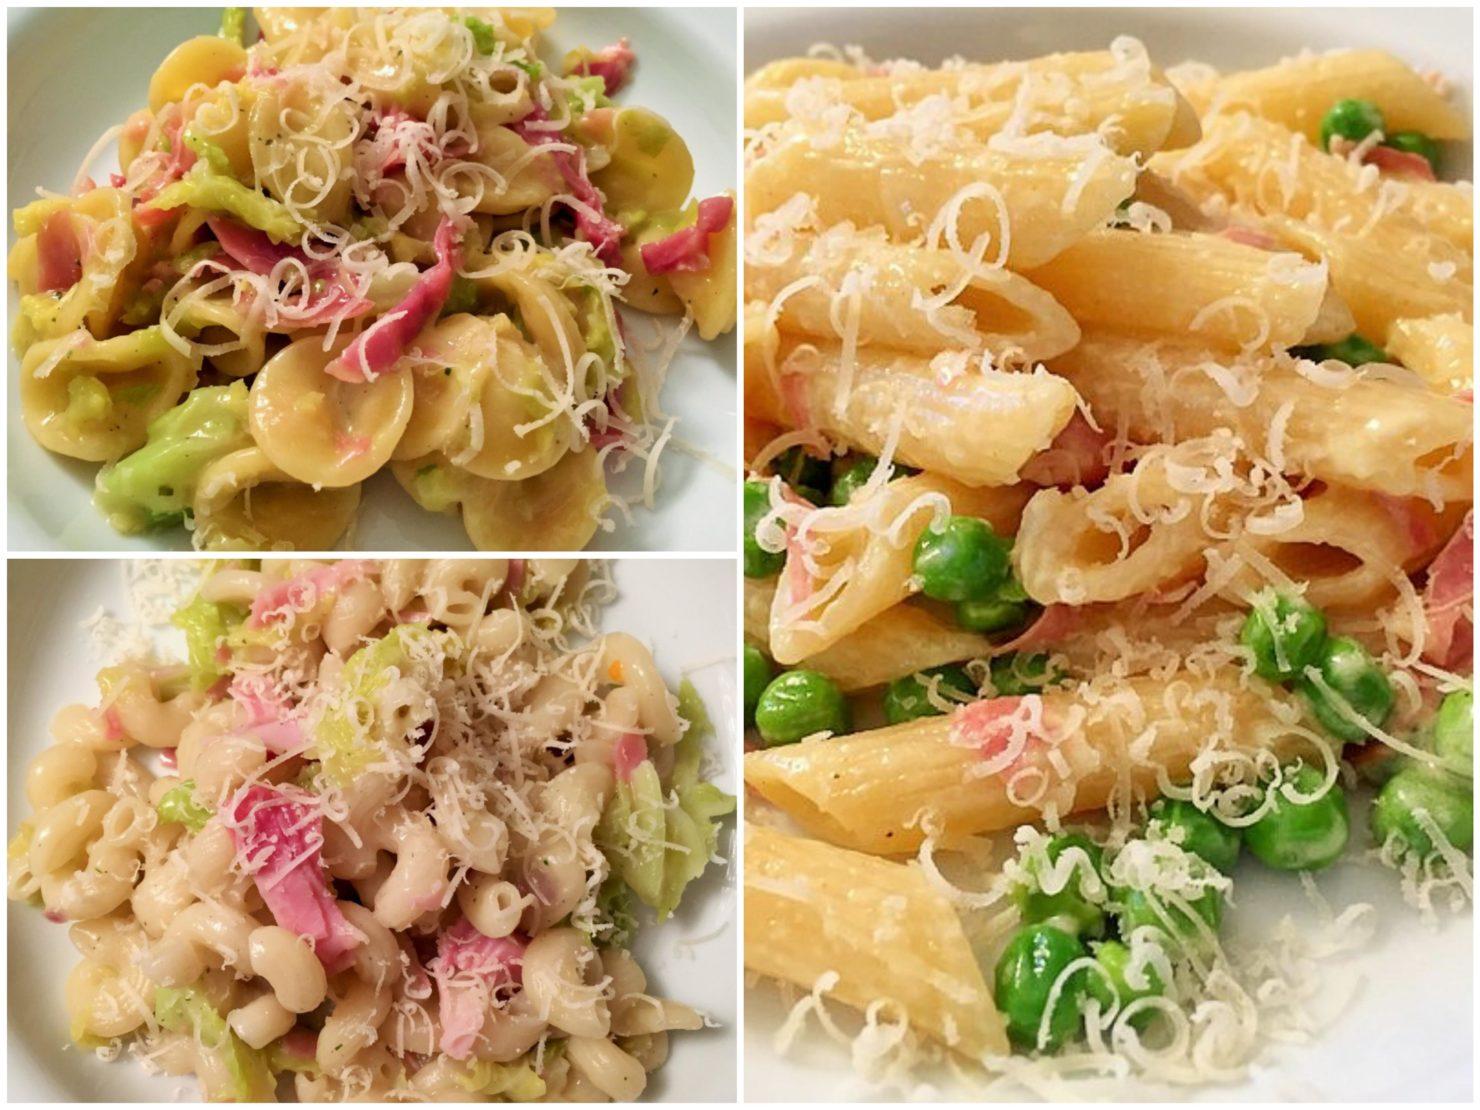 Pasta mit Gemüse und Fleisch oder Wurst